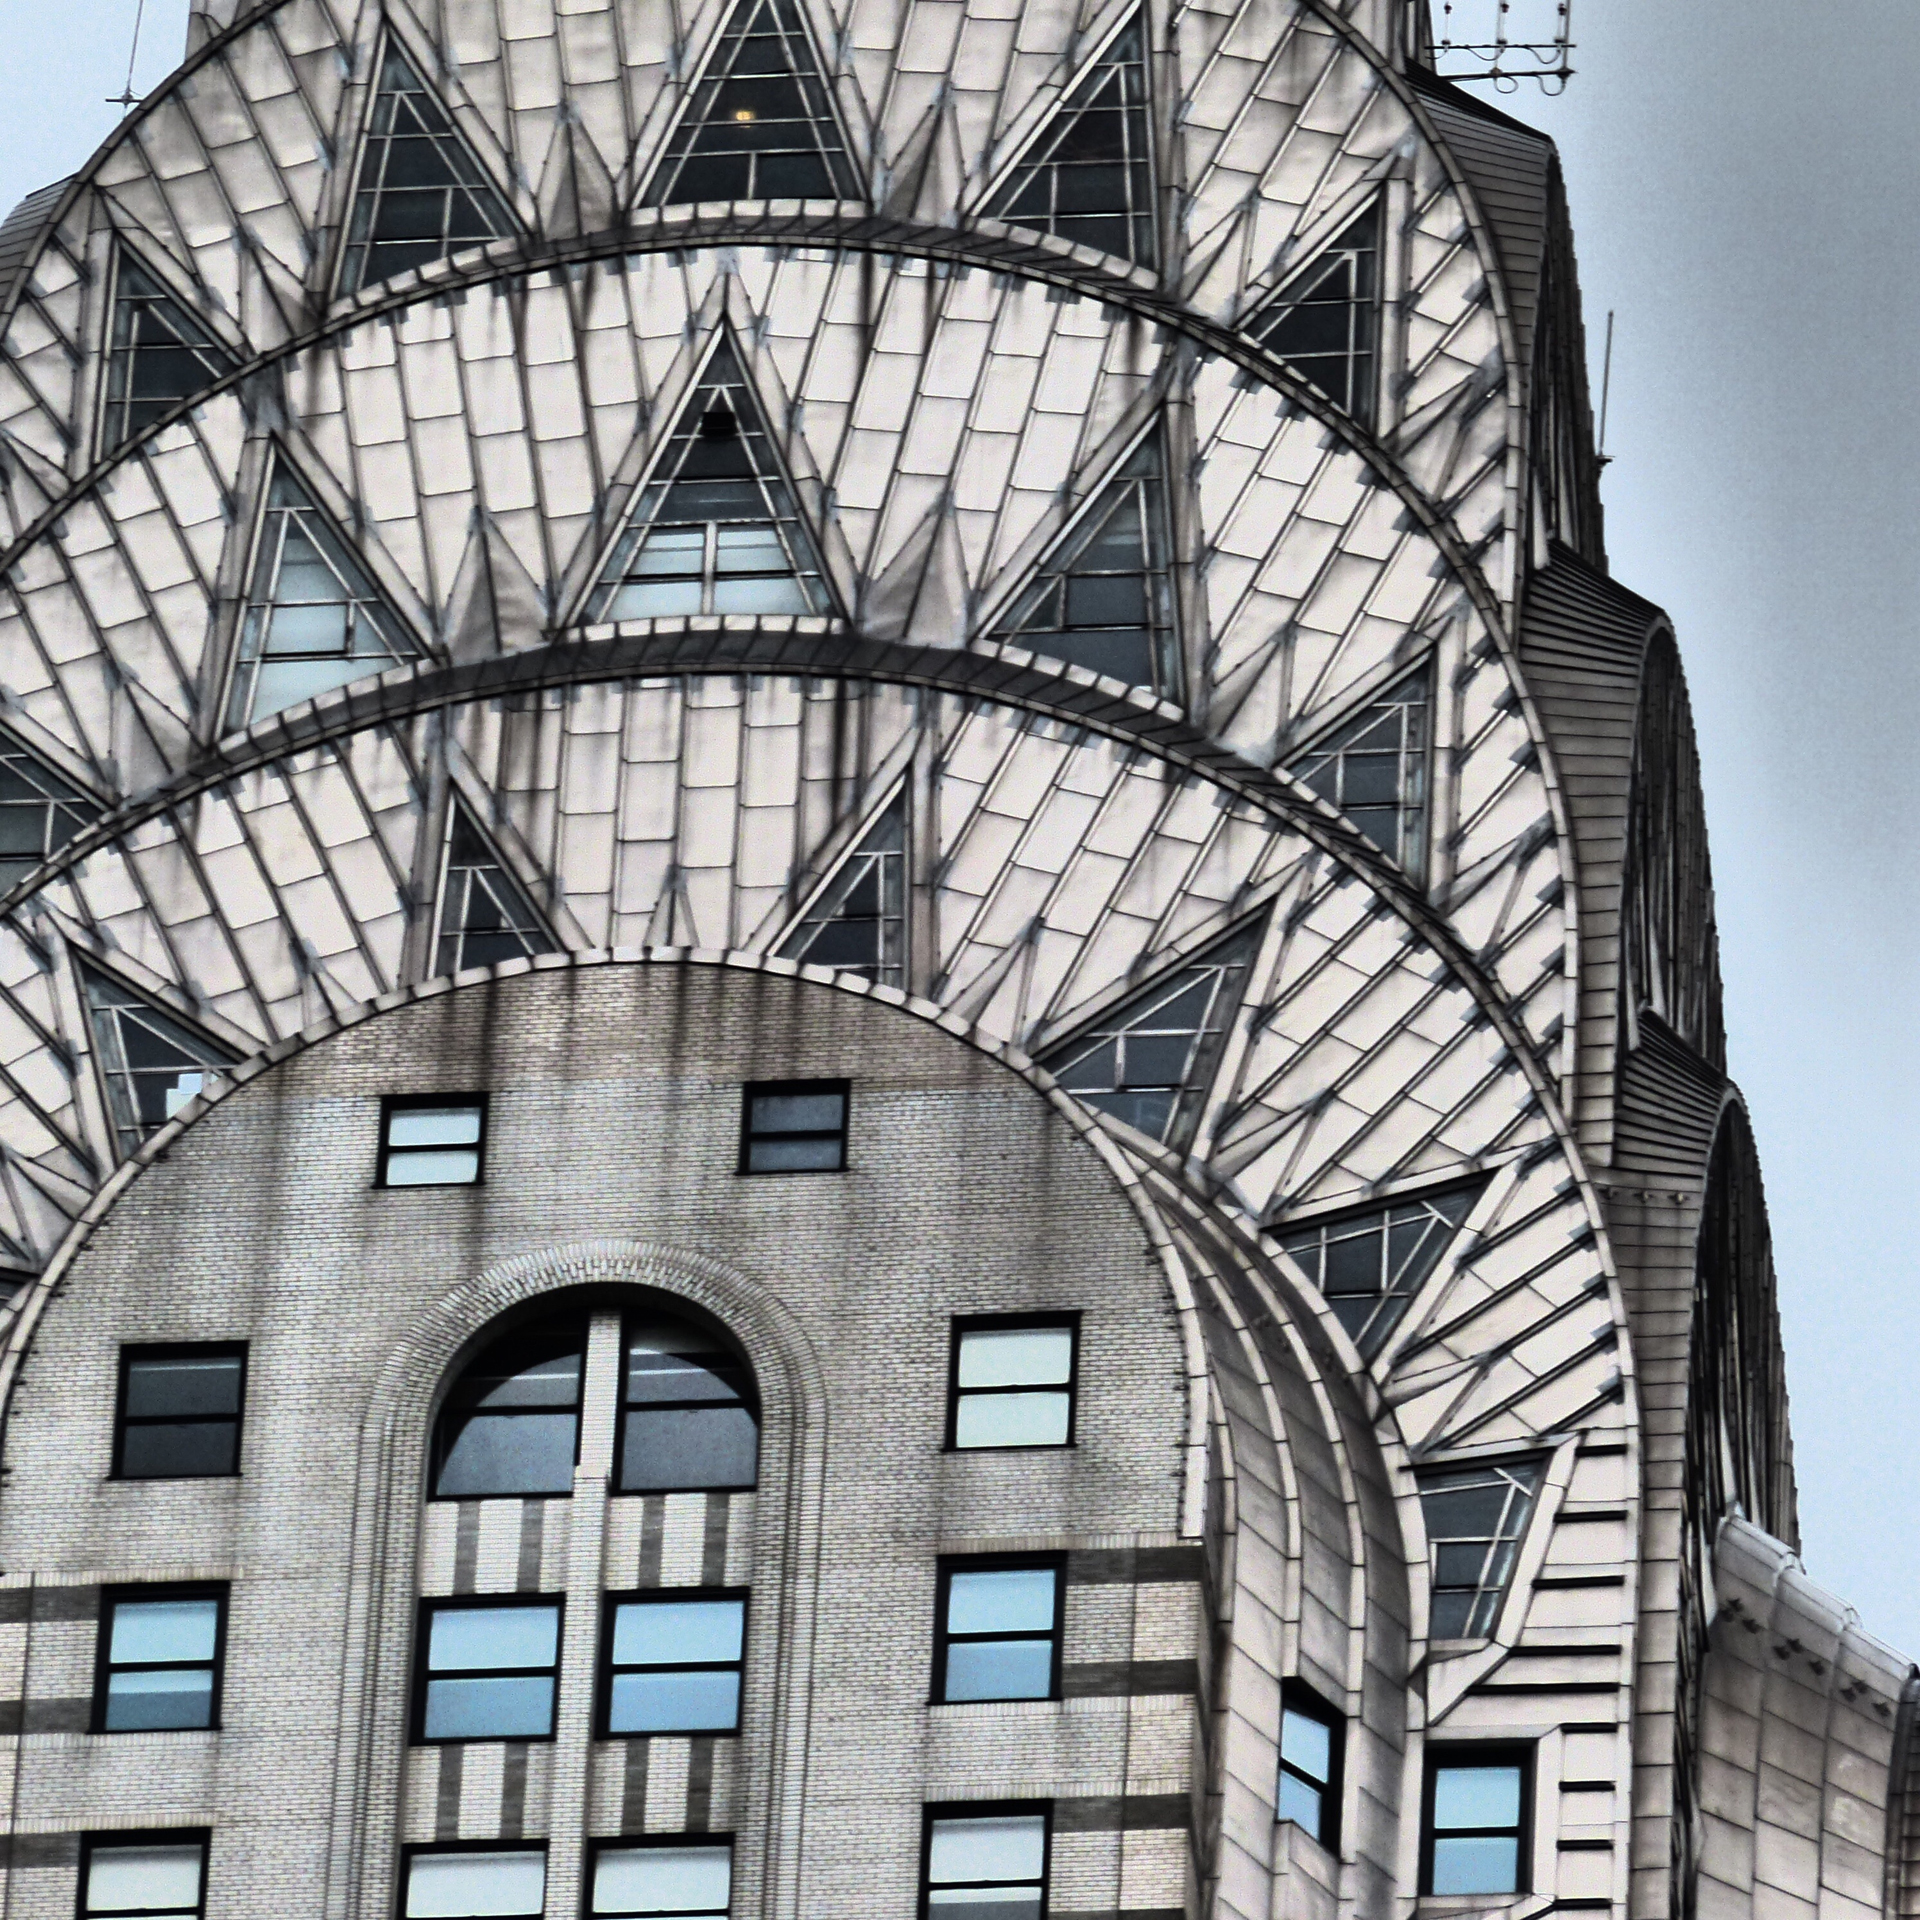 La torre en el centro de Manhattan, construida como sede de Chrysler Corp., con el coronamiento que lo distingue siempre ha sido una favorita tanto de los críticos de arquitectura como del público en general